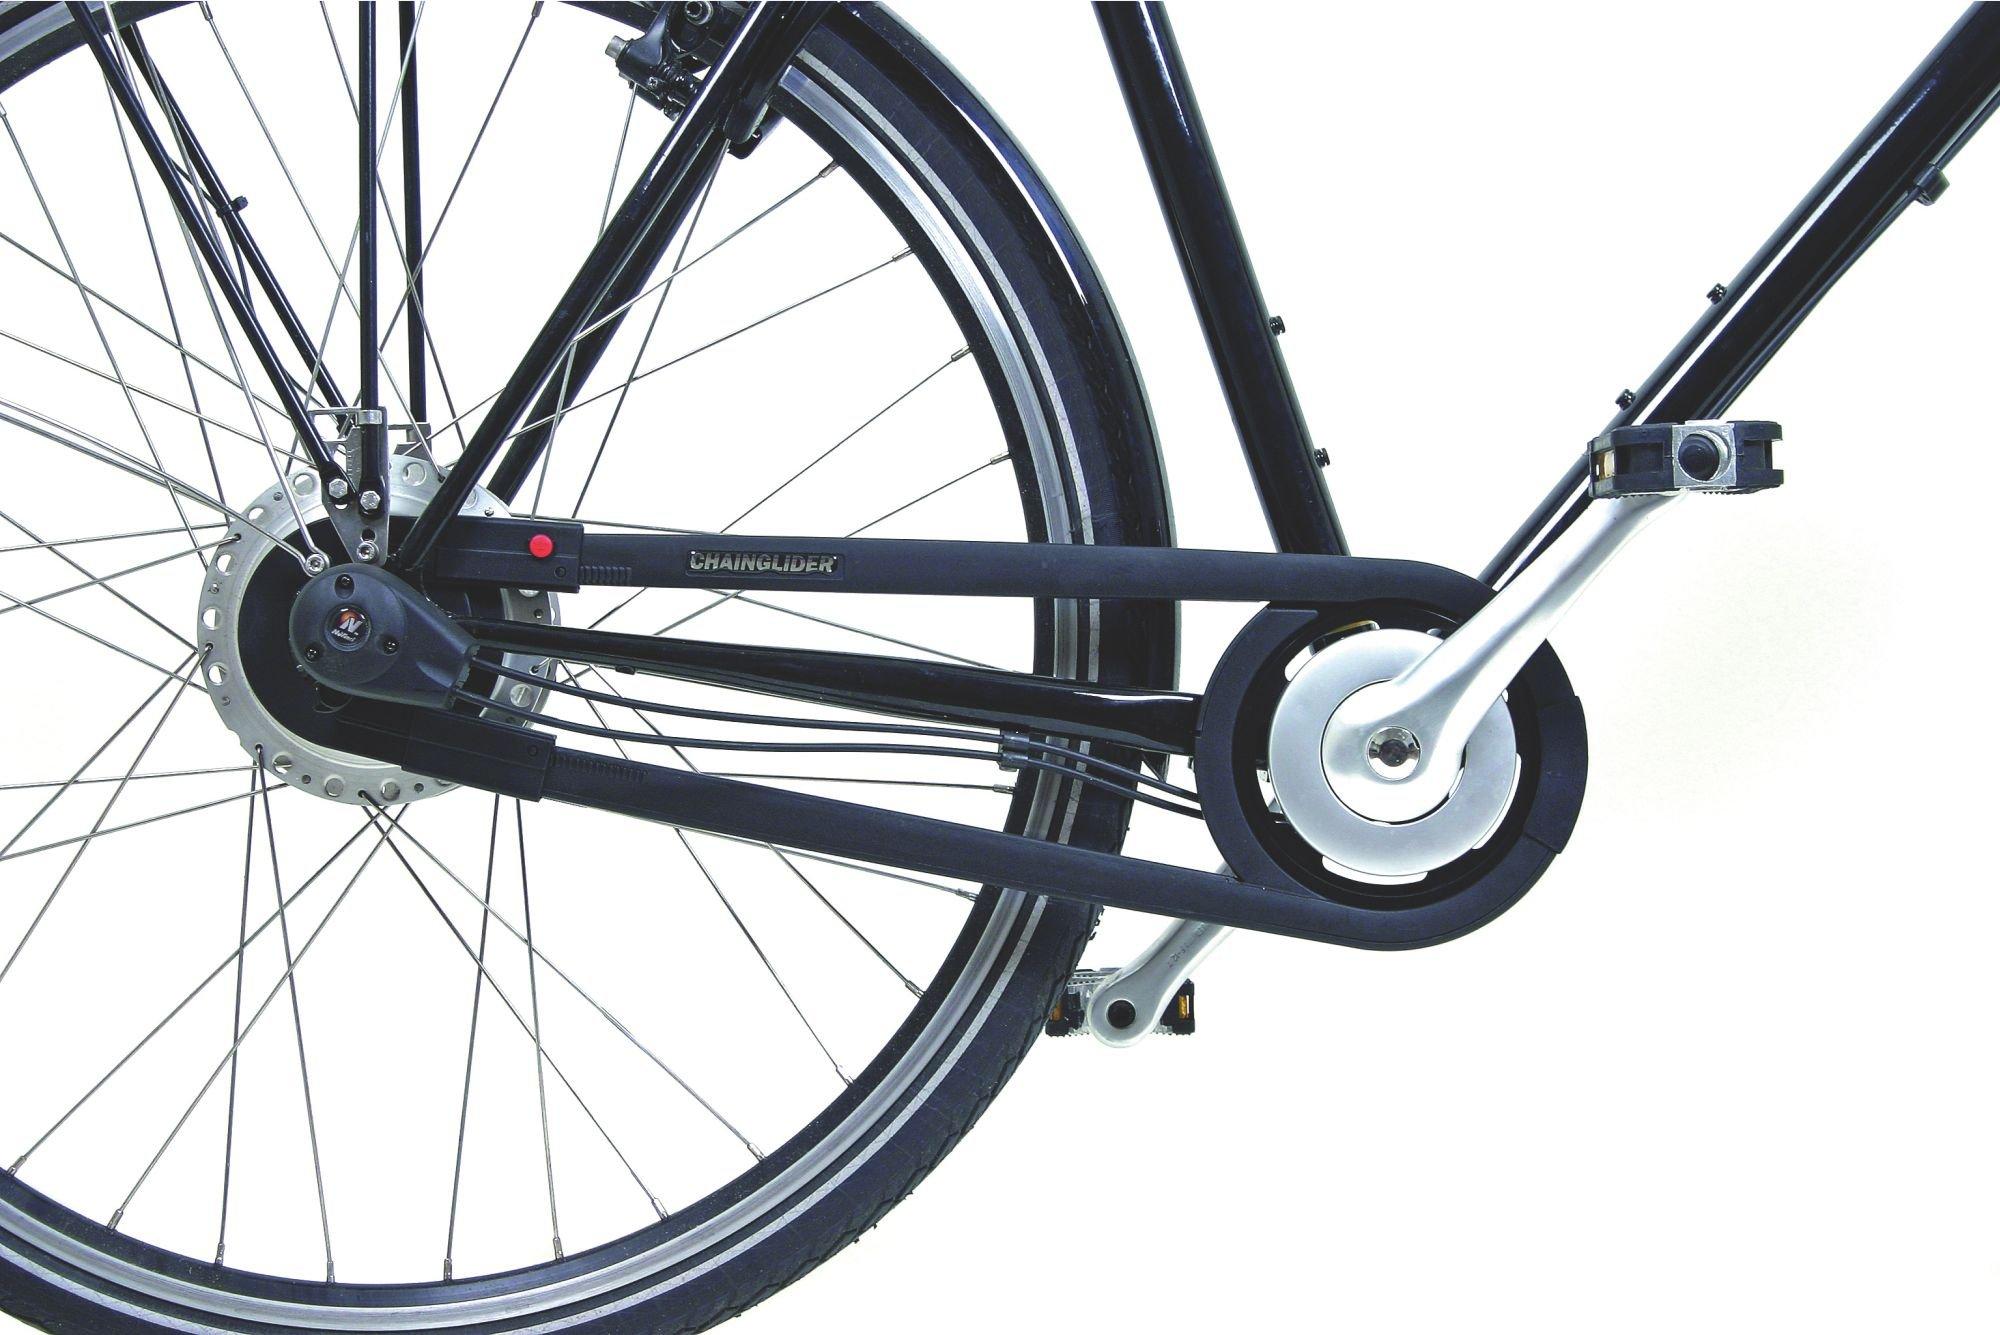 kettenschützer/Schutzbleche: Hebie  0350R N16 Chainglider Heckteil für Nuvinci Harmony